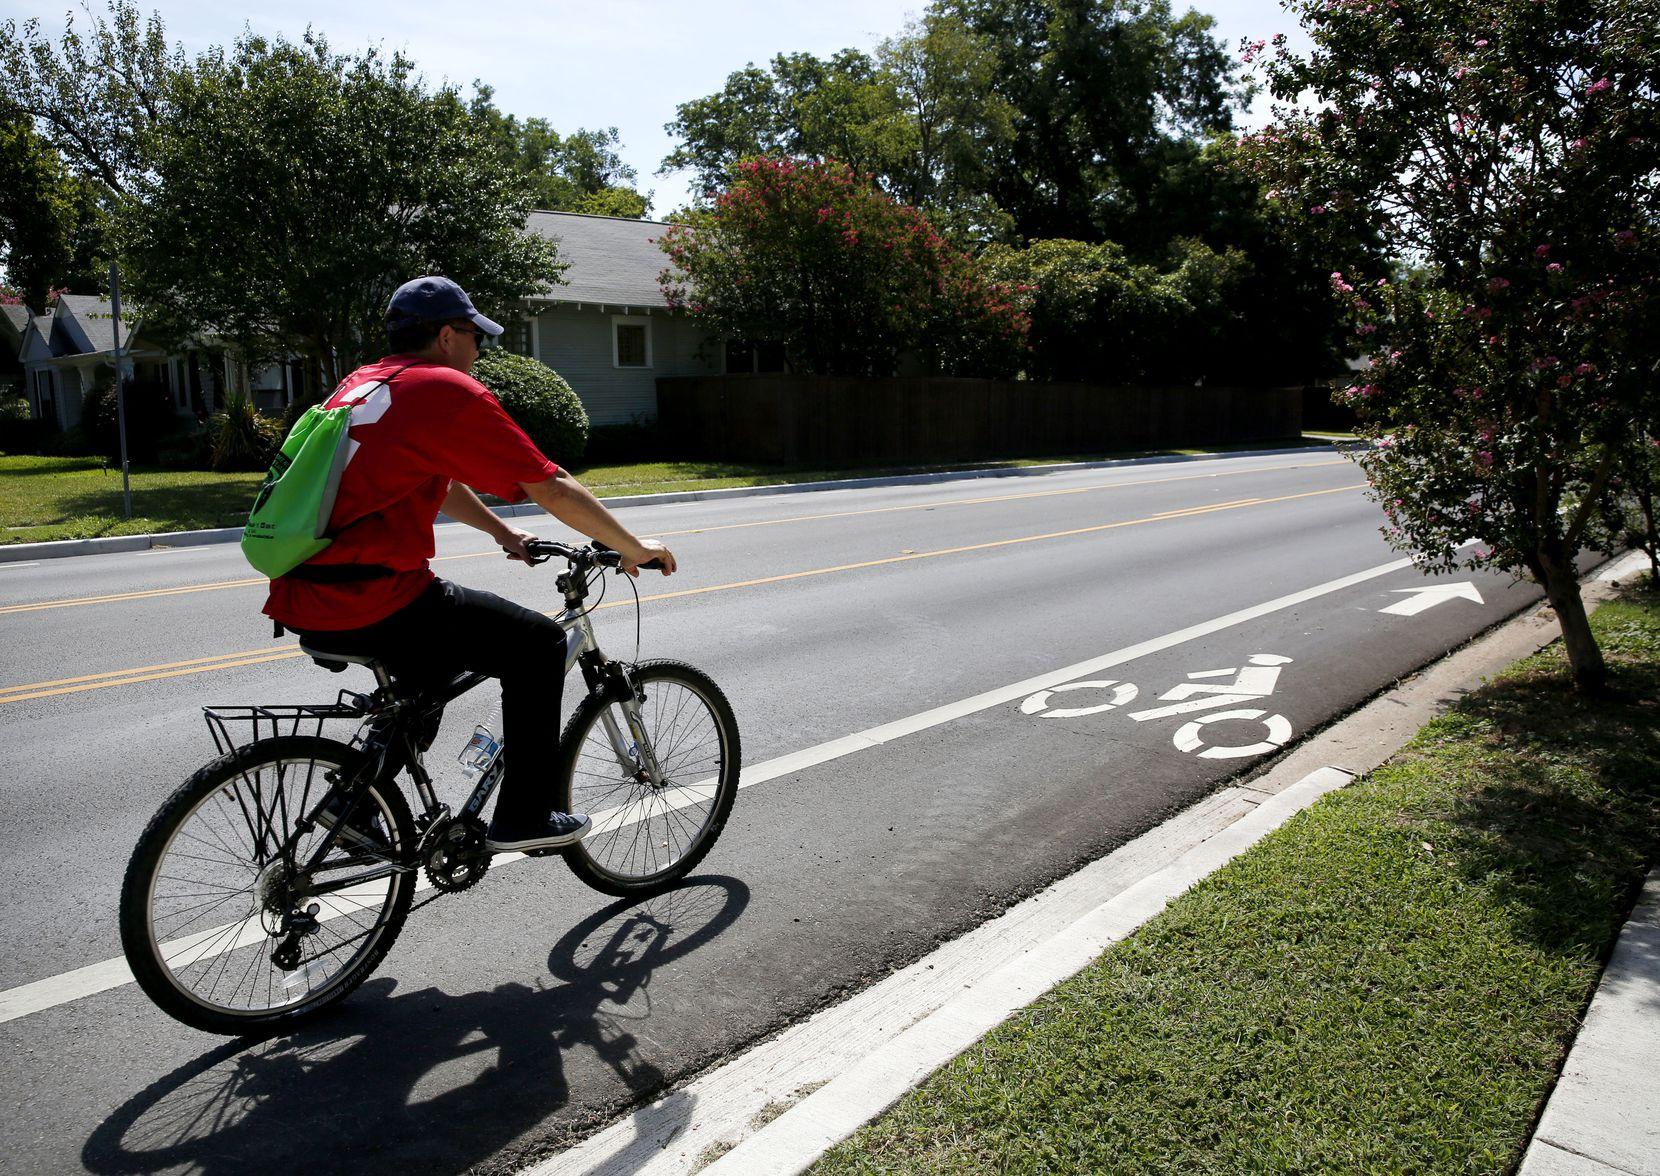 Felipe Garcia rides down a bike lane on Matilda Street in Dallas.